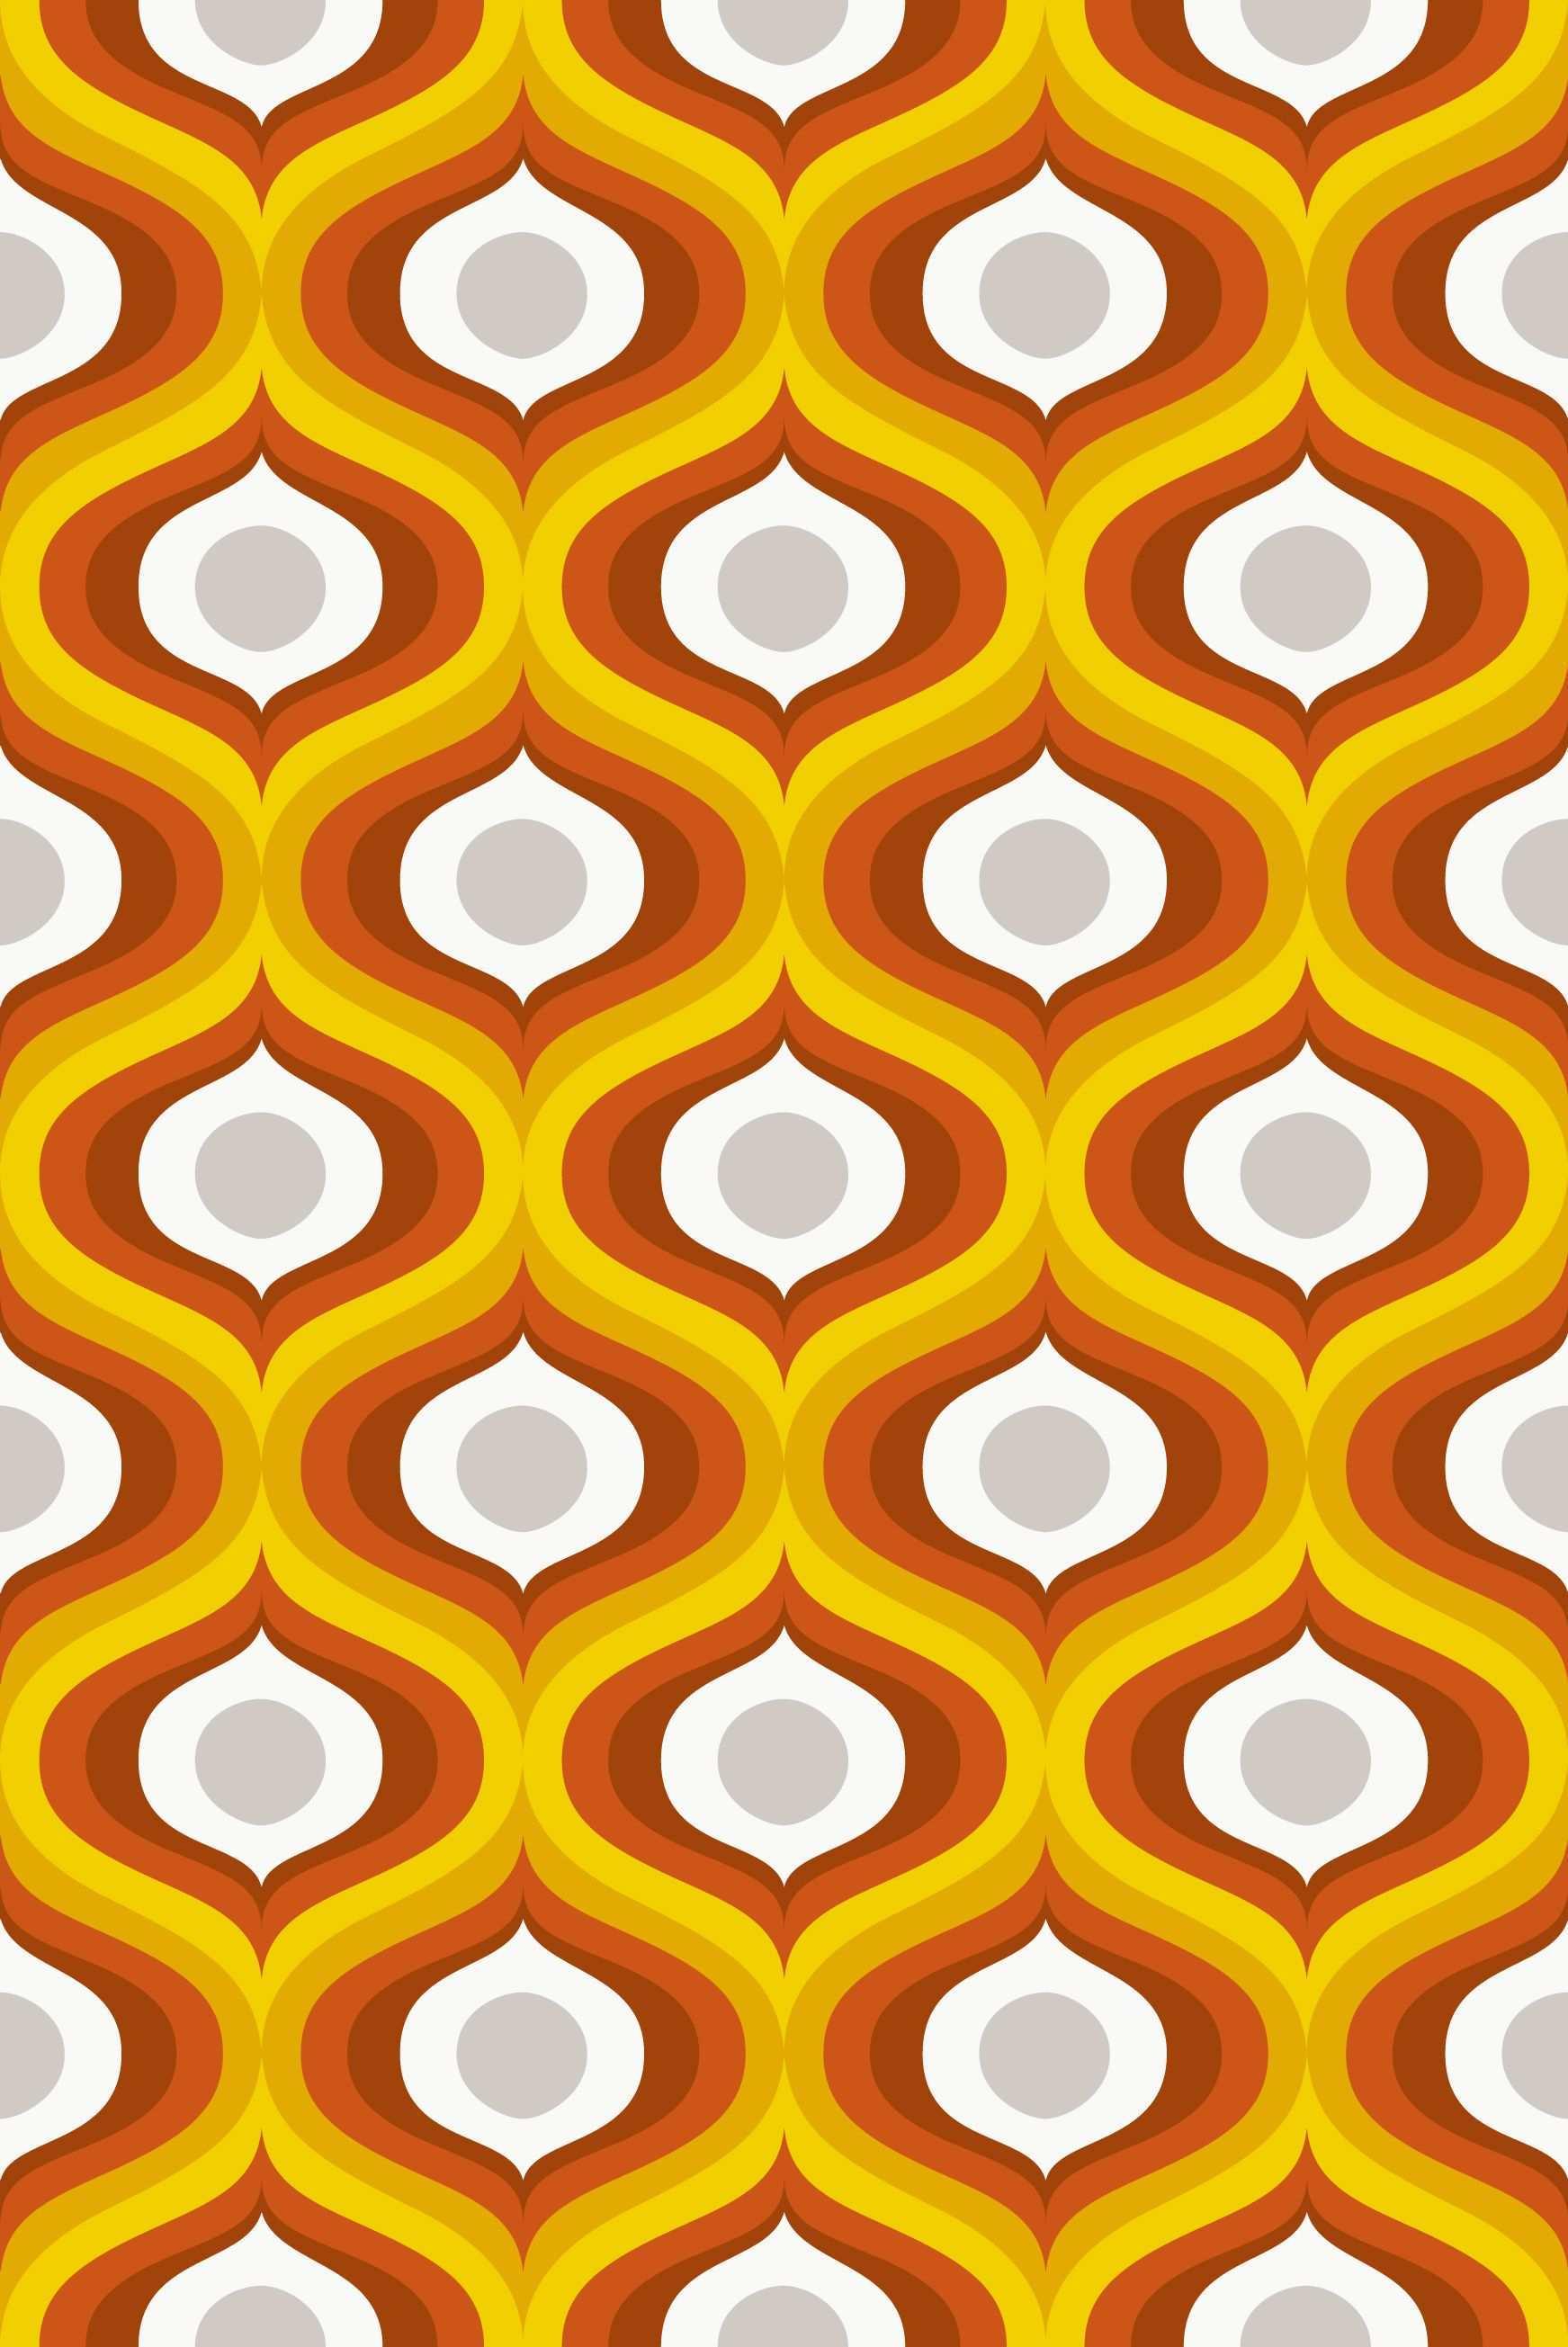 Pin Von Ally Howell Auf Scandinavian Retro Druck Musterdruck Floral Muster